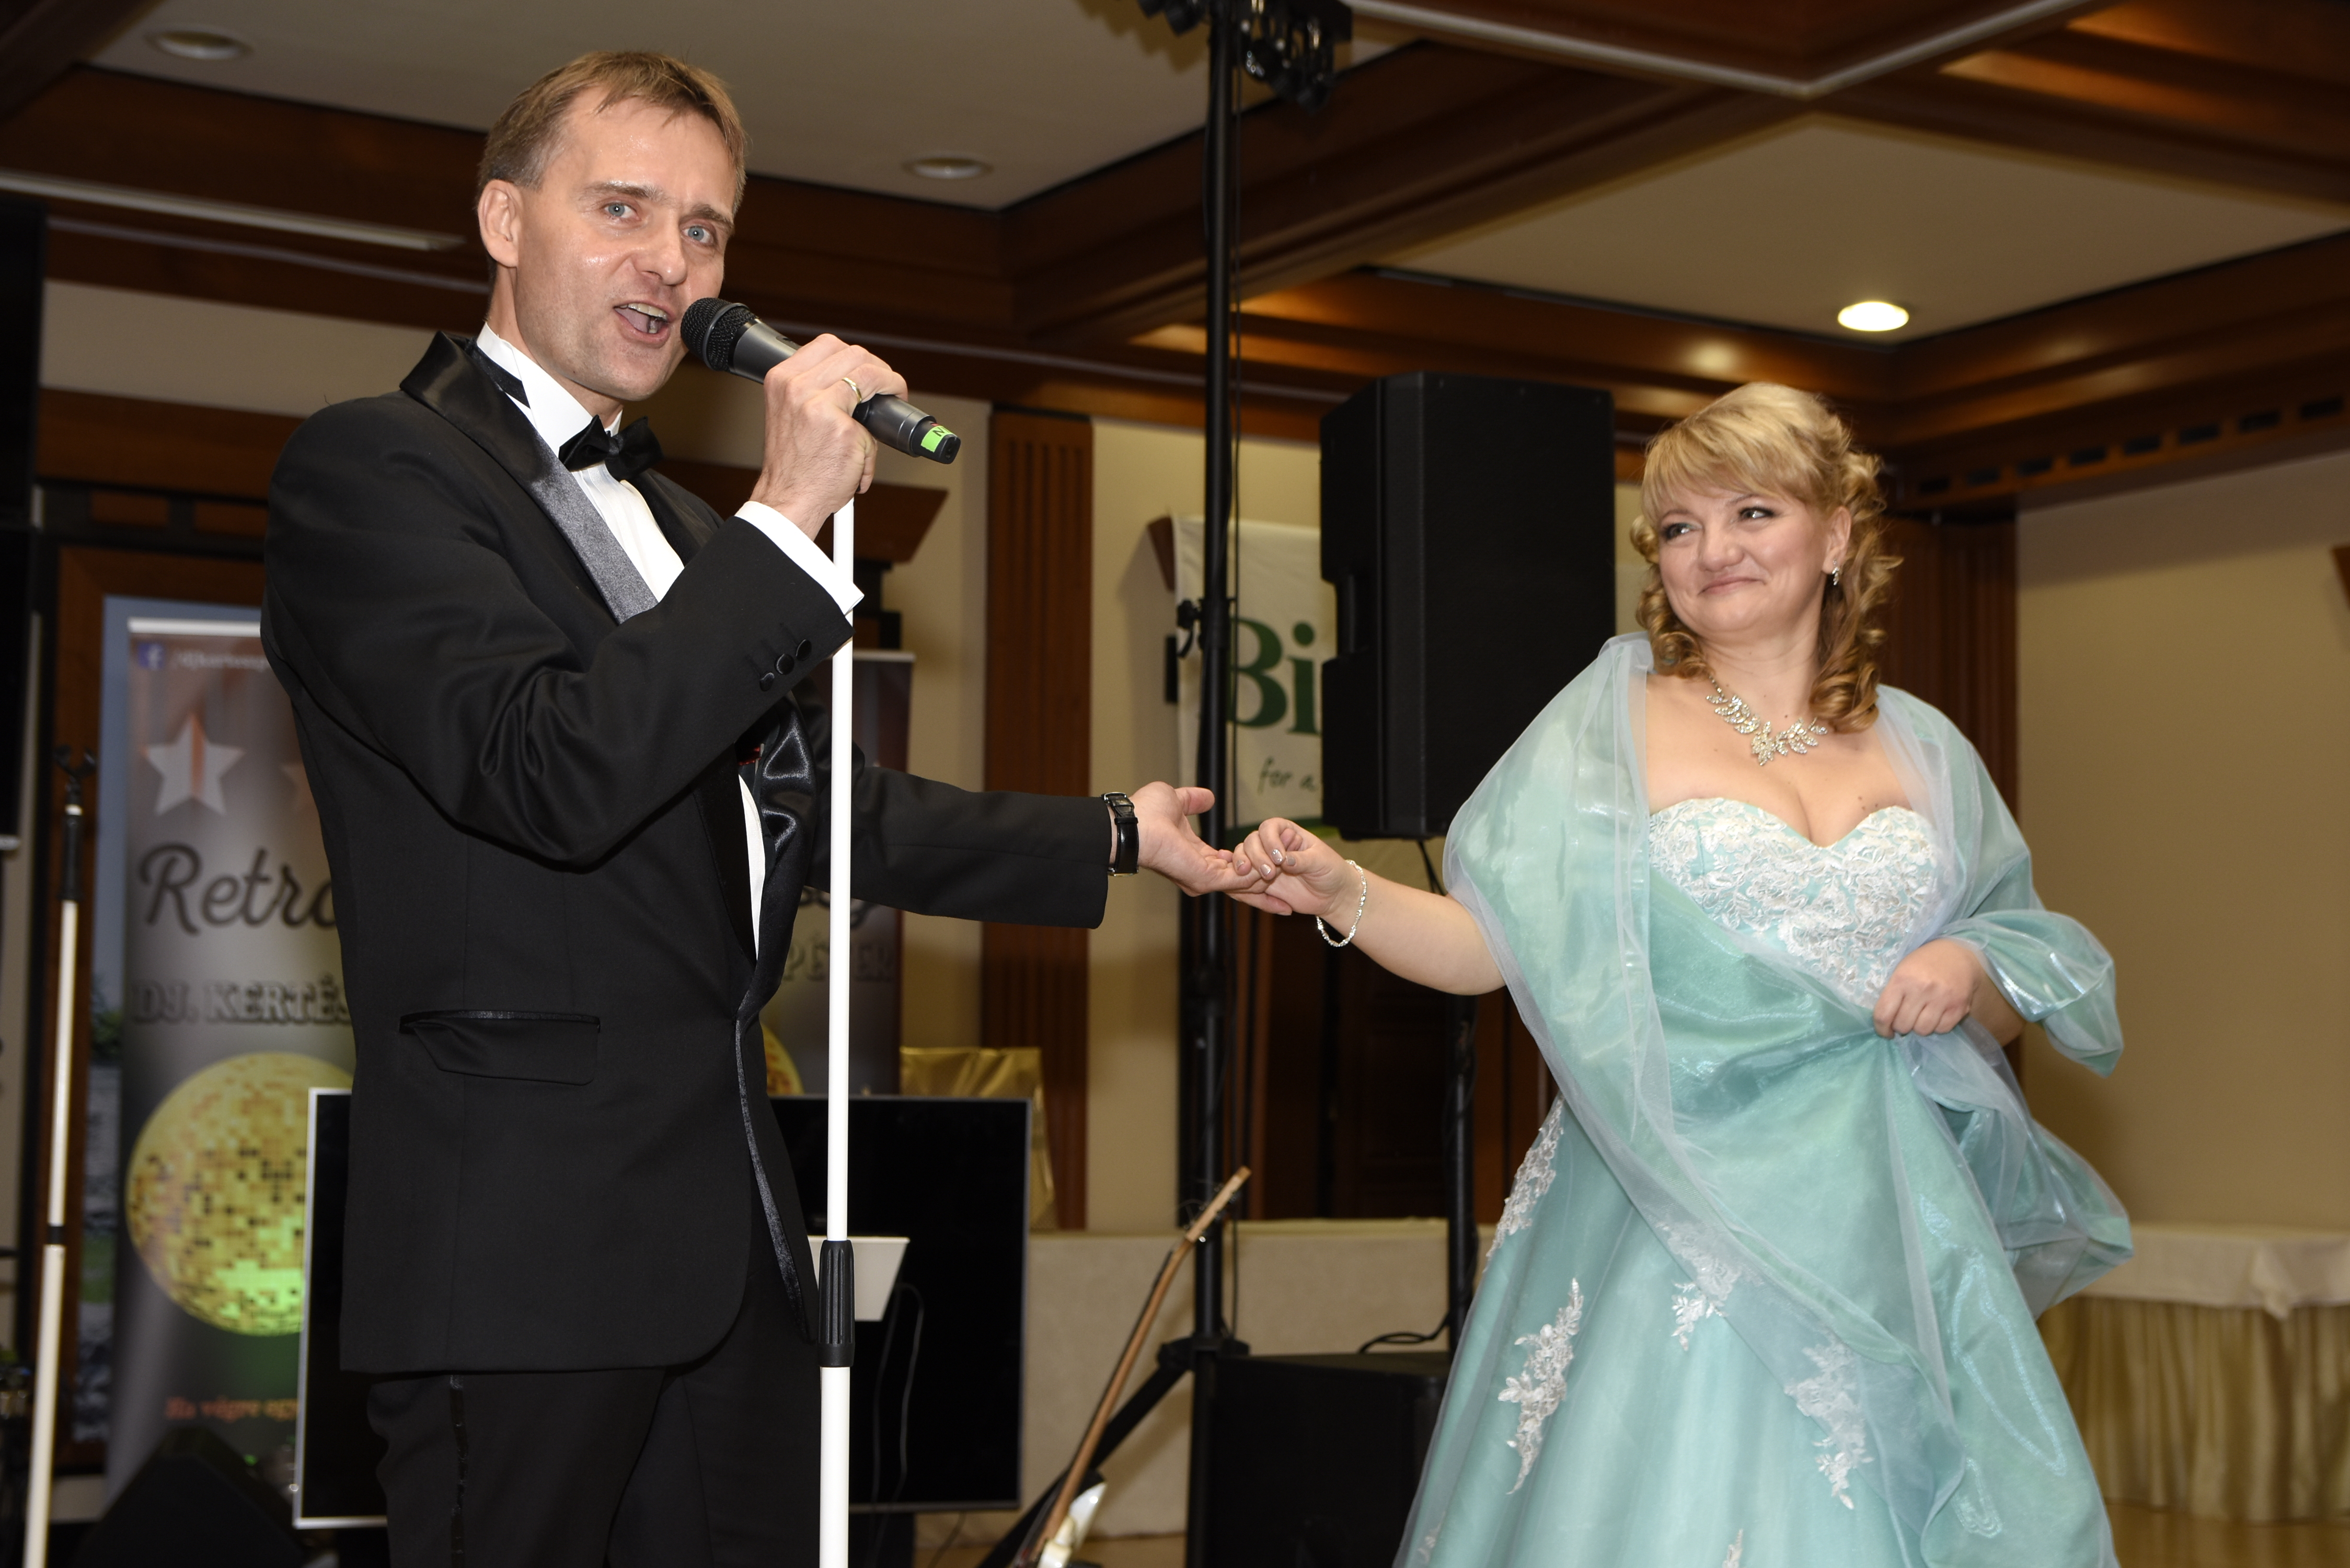 Biocom kommunikációs igazgatója, Tarczy Gyula dallal köszöntötte az ünnepeltet